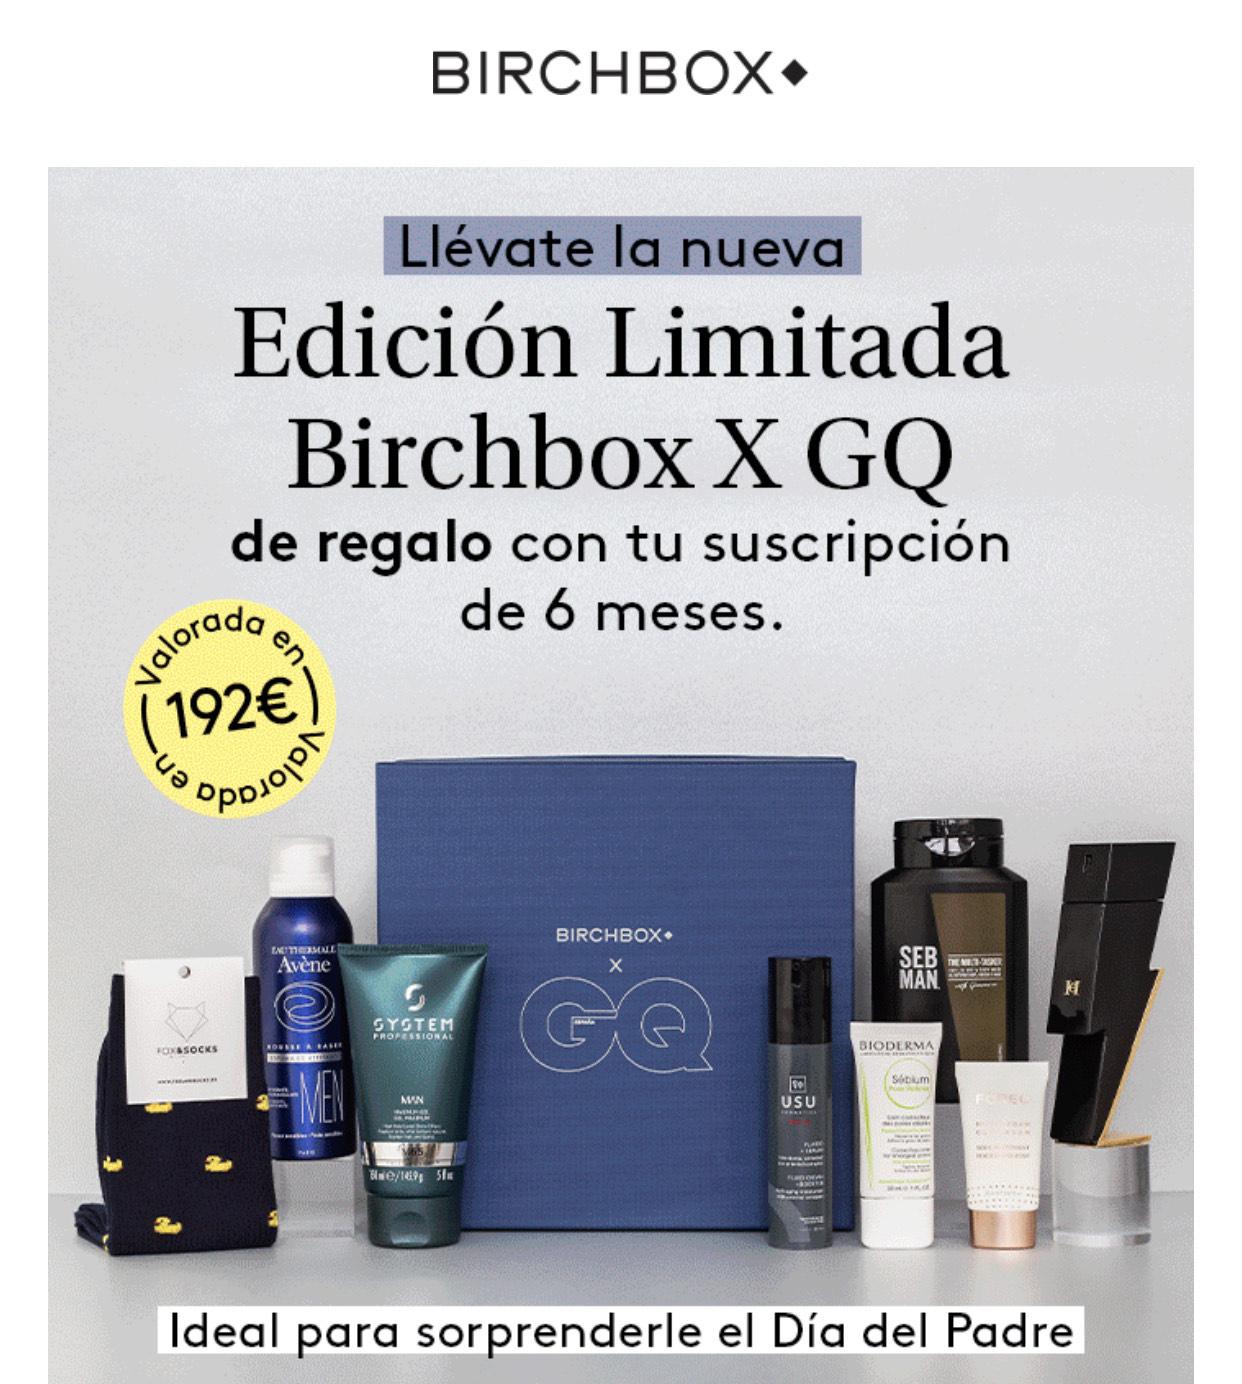 Lote de productos masculinos gratis con la suscripción semestral de birchbox